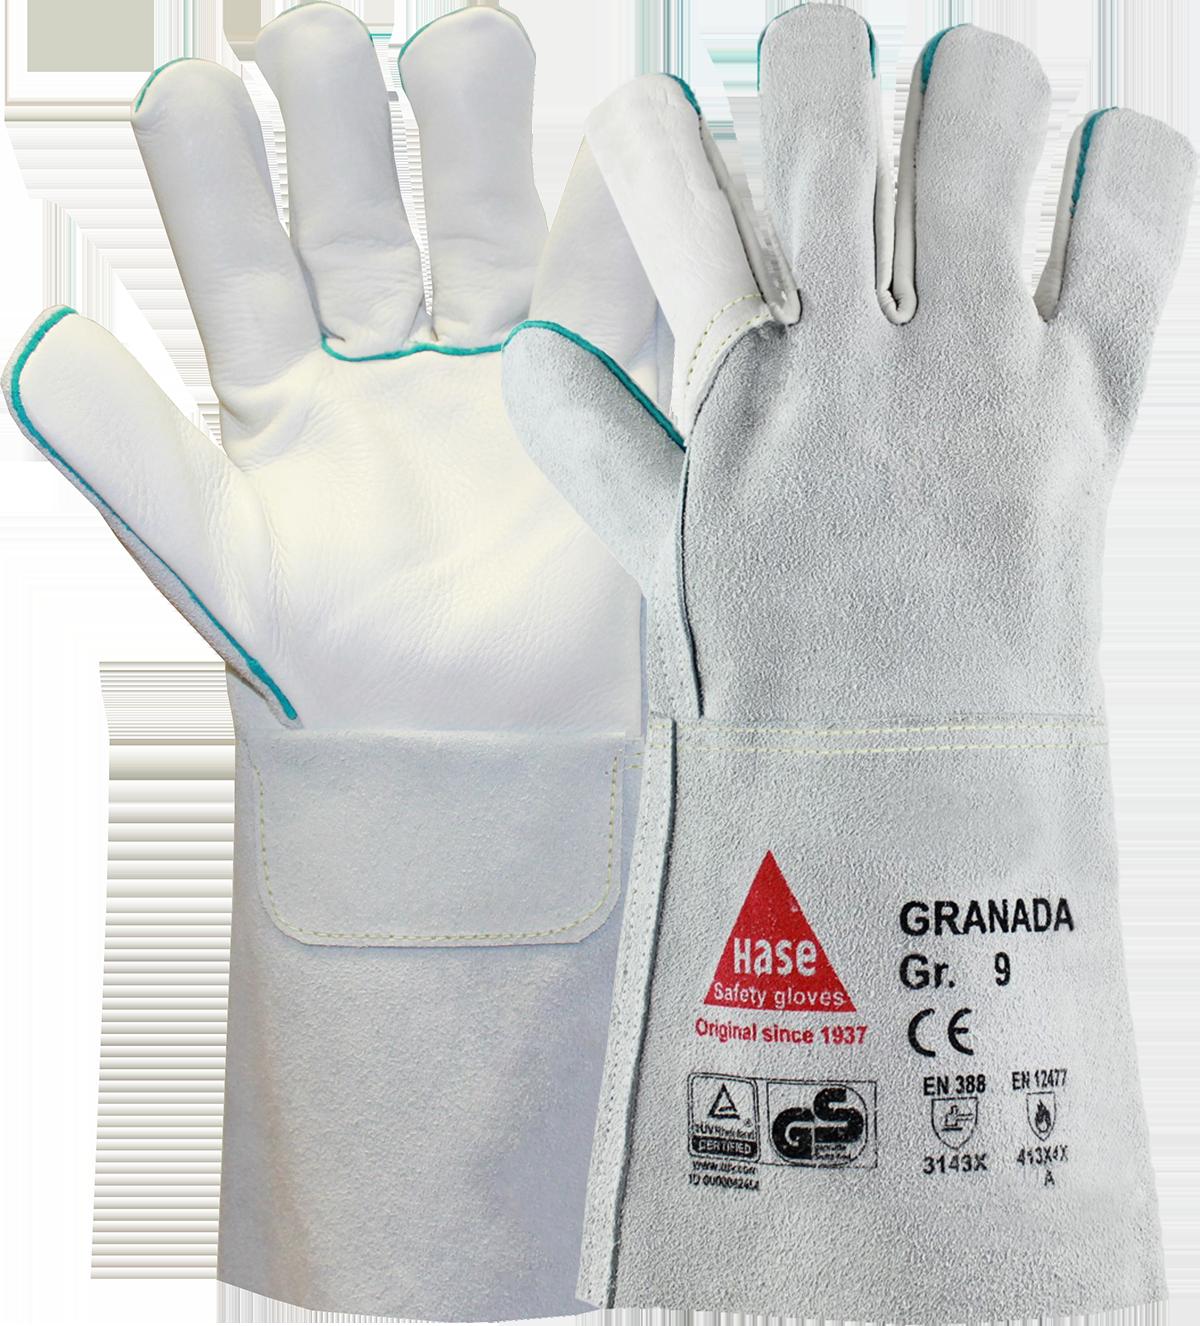 GRANADA K, Schweißerhandschuh aus Rindleder, Größe 10